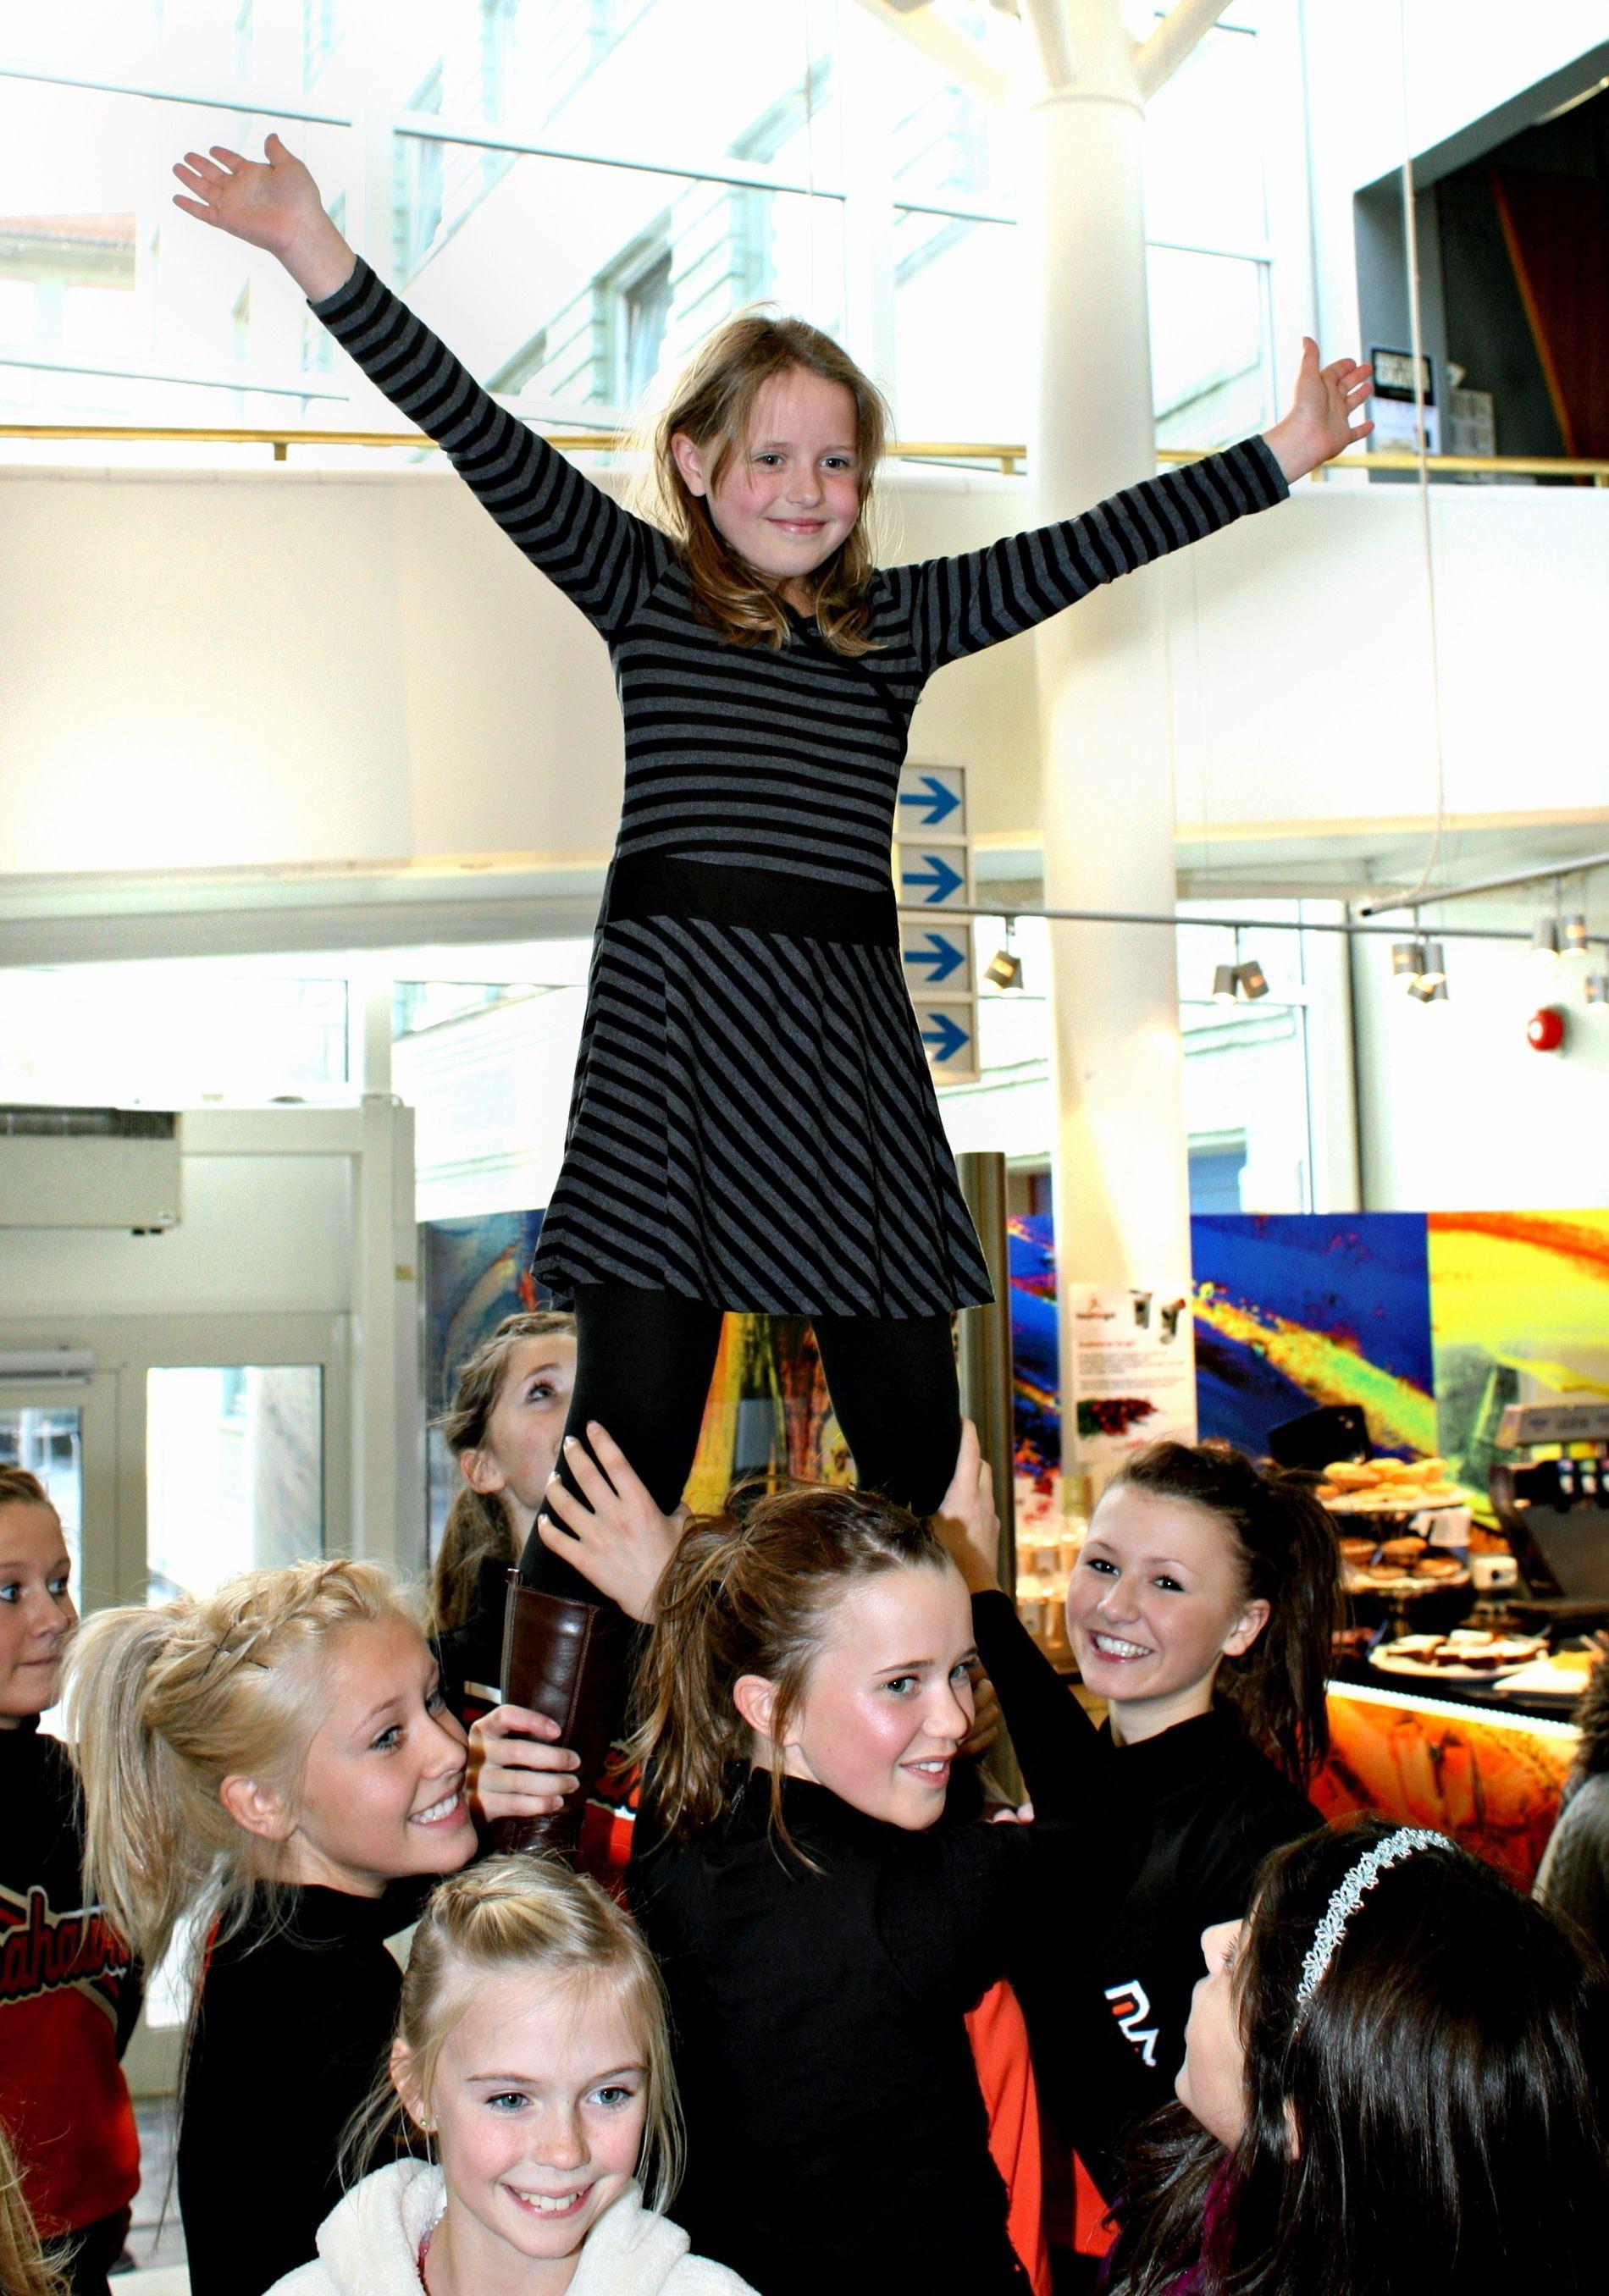 GLØDER AV FORVENTNING: Her varmer Malin Marie opp i foajeen, som midlertidig æresgjest hos ekte cheerleaders fra Åsane Seahawks!